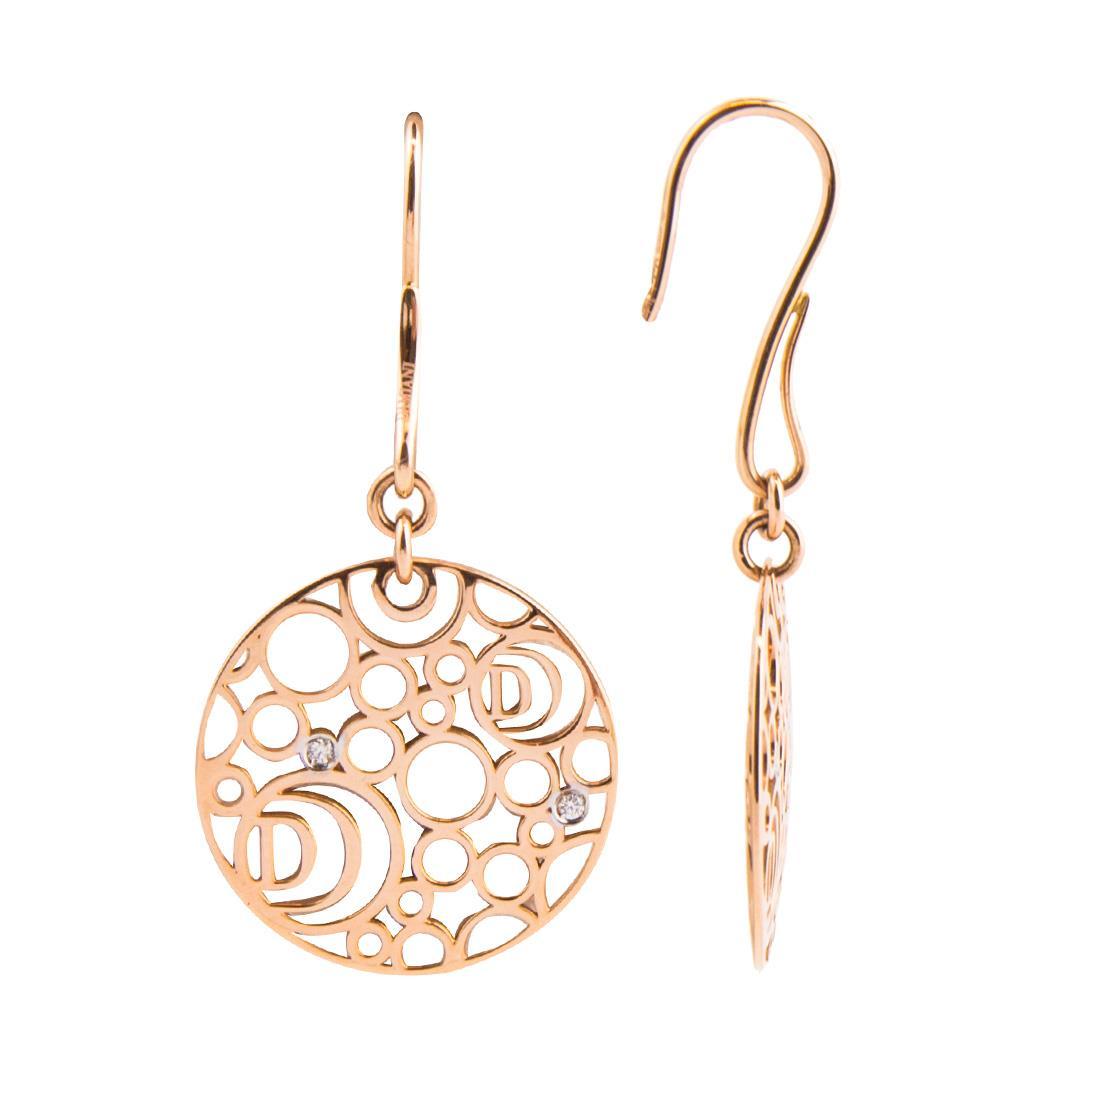 Orecchini Damiani Collezione Damianissima in oro rosa con diamanti  - DAMIANI